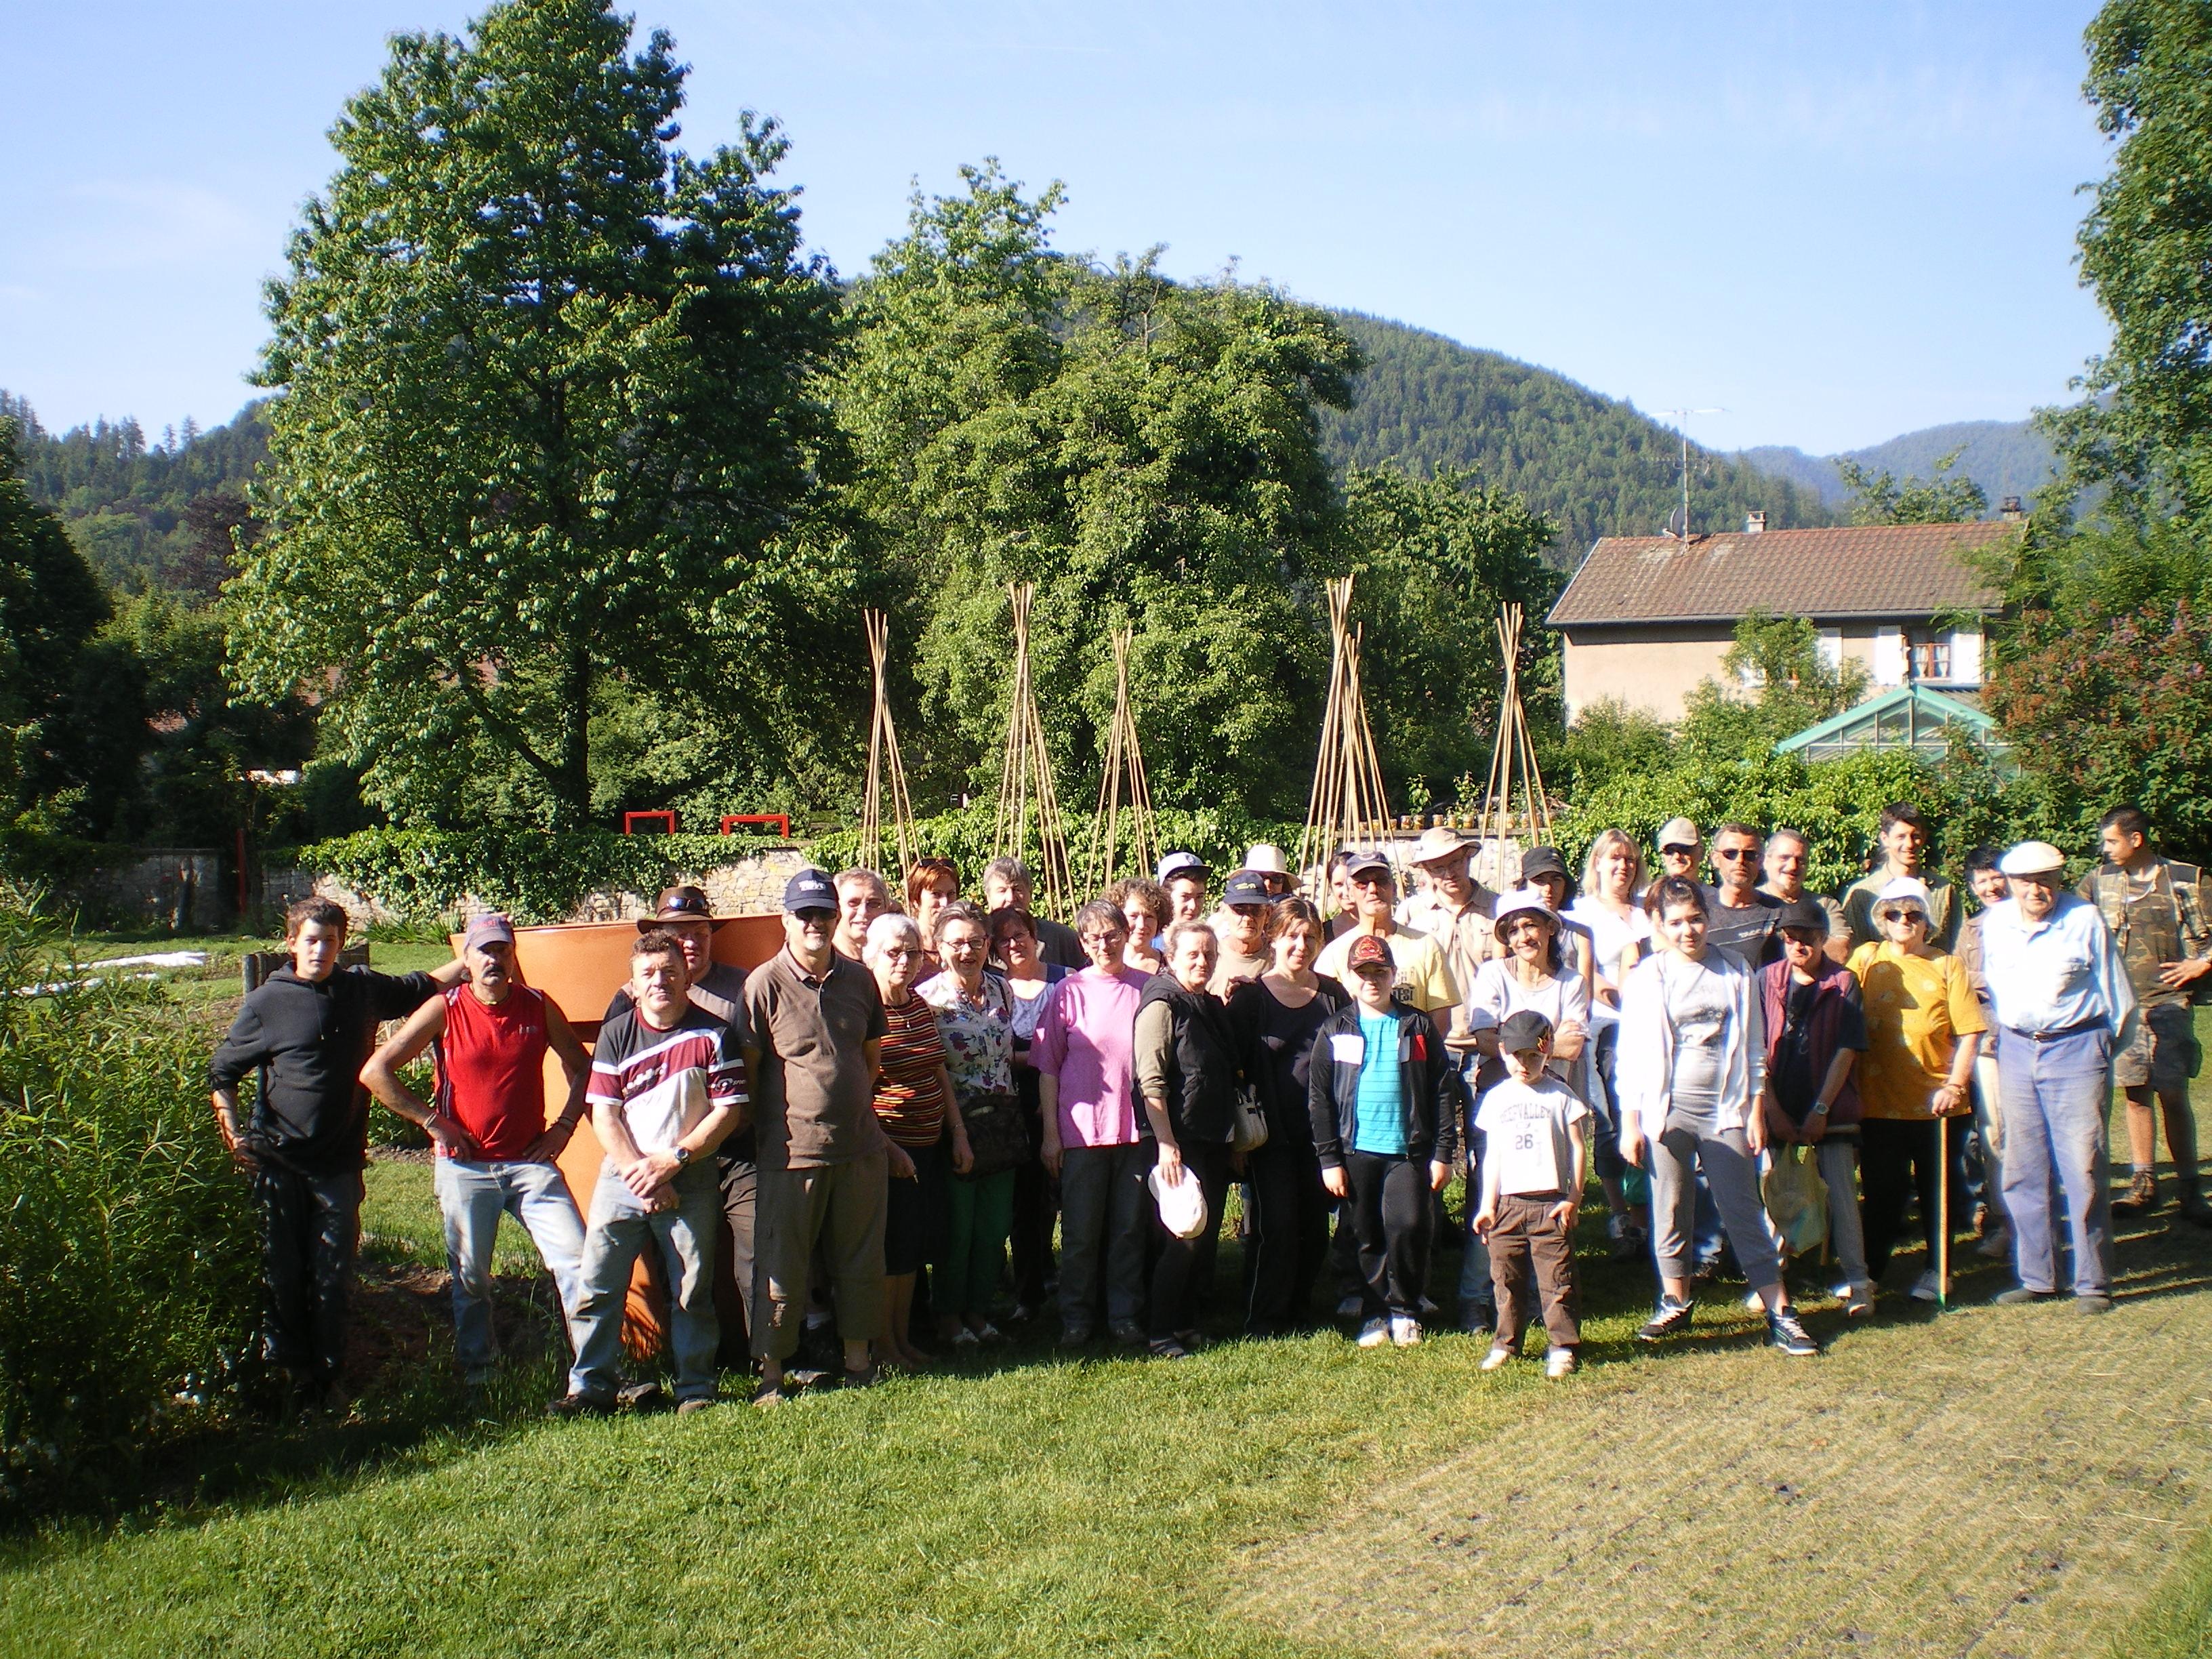 Les jardins familiaux de thann wesserling les jardins for Jardin wesserling